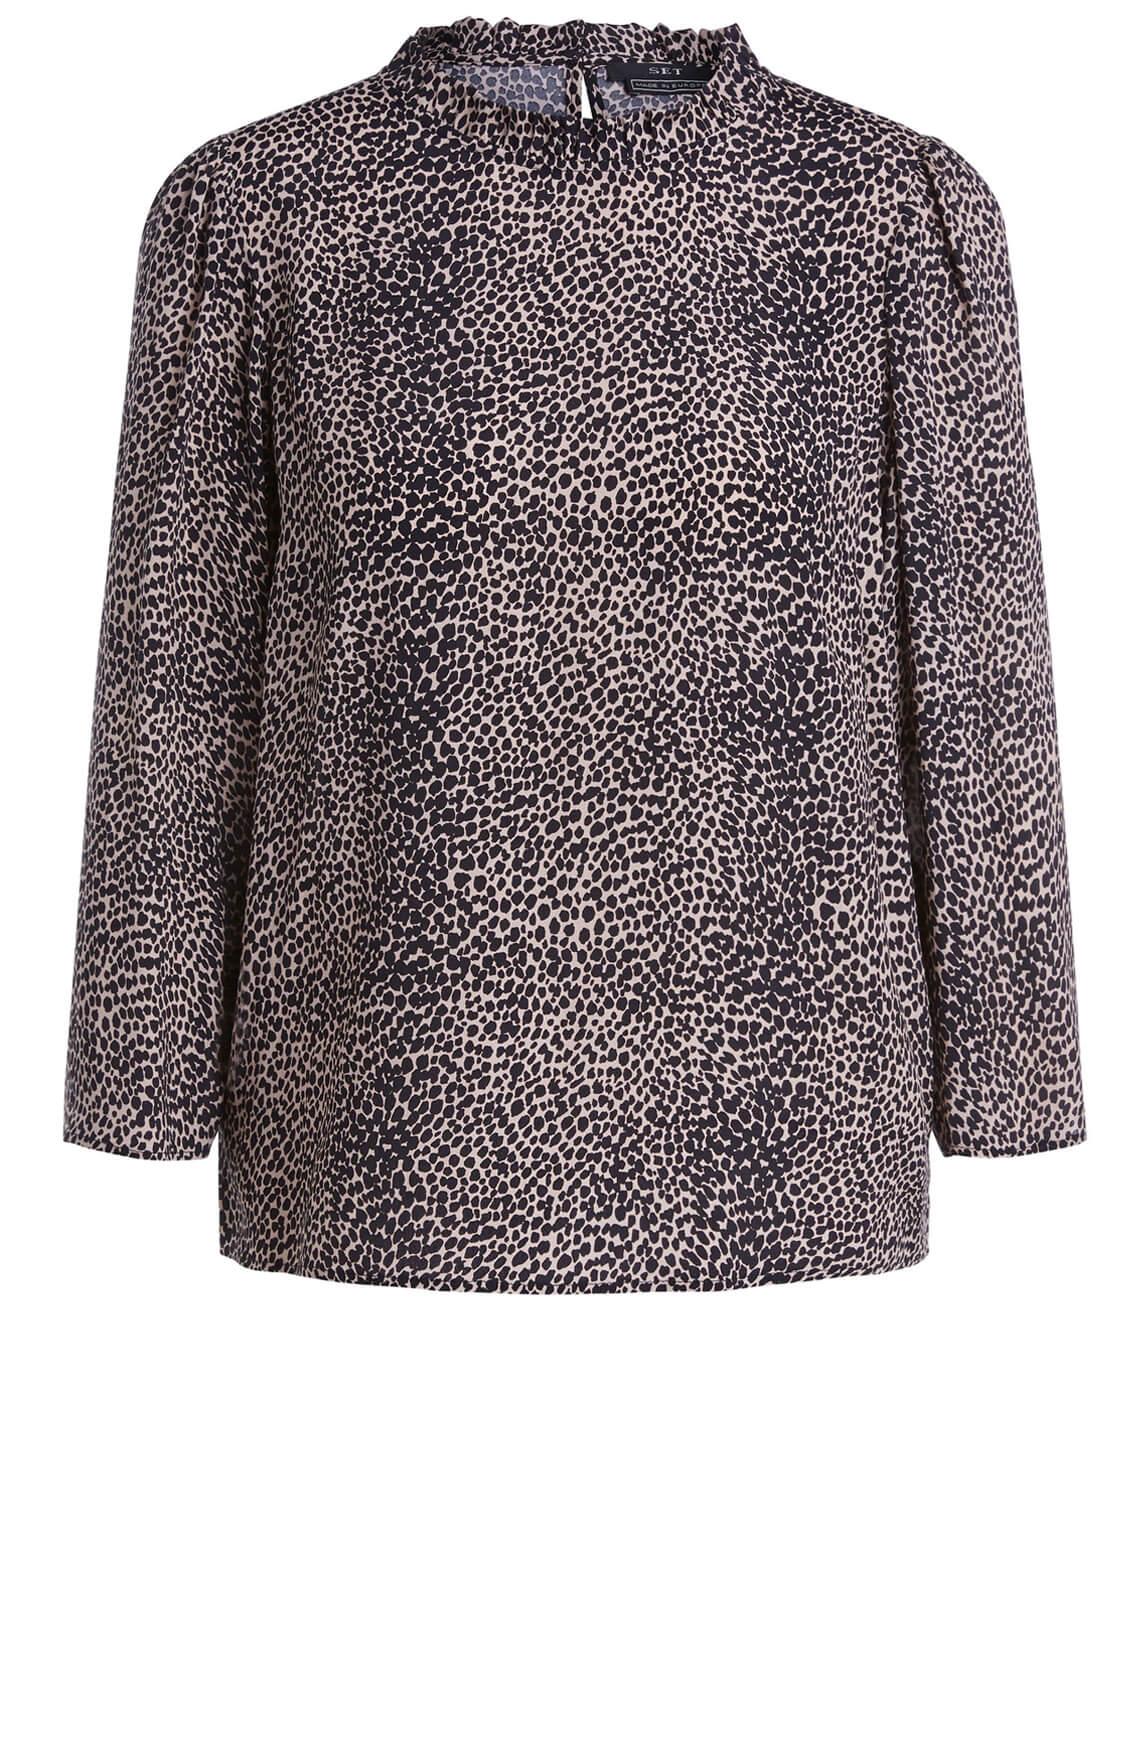 Set Dames Leopard blouse zwart